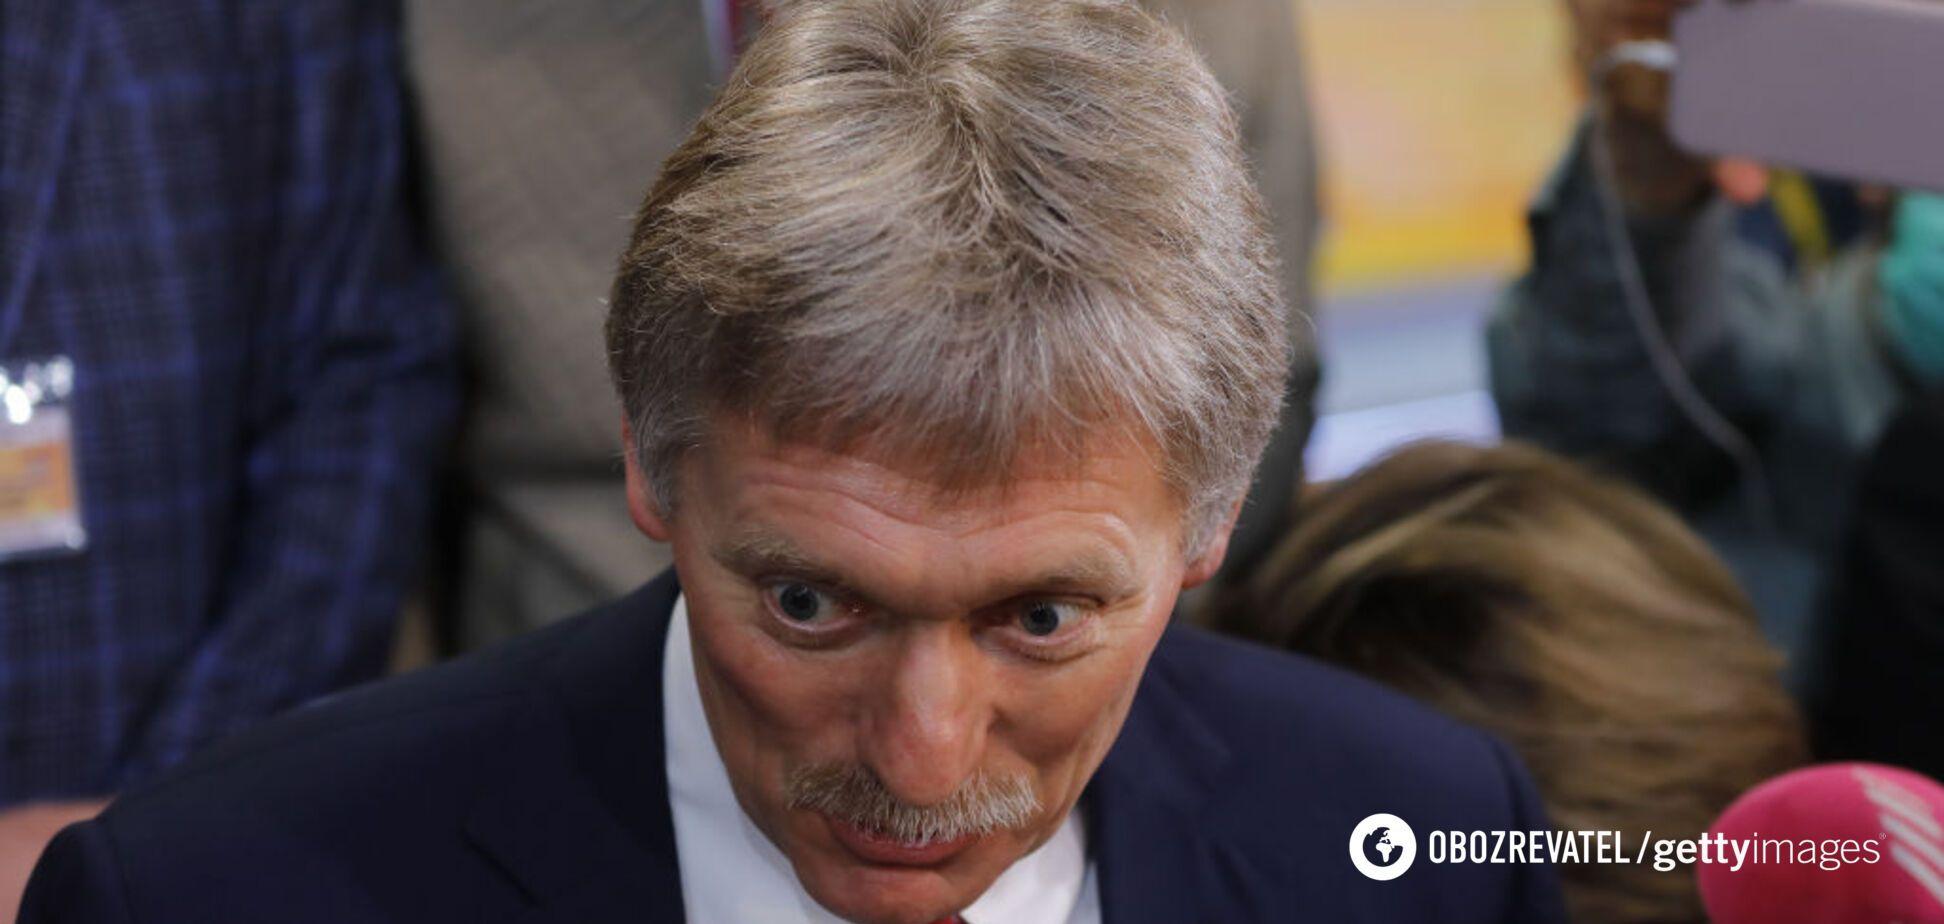 Прессекретар президента РФ Дмитро Пєсков